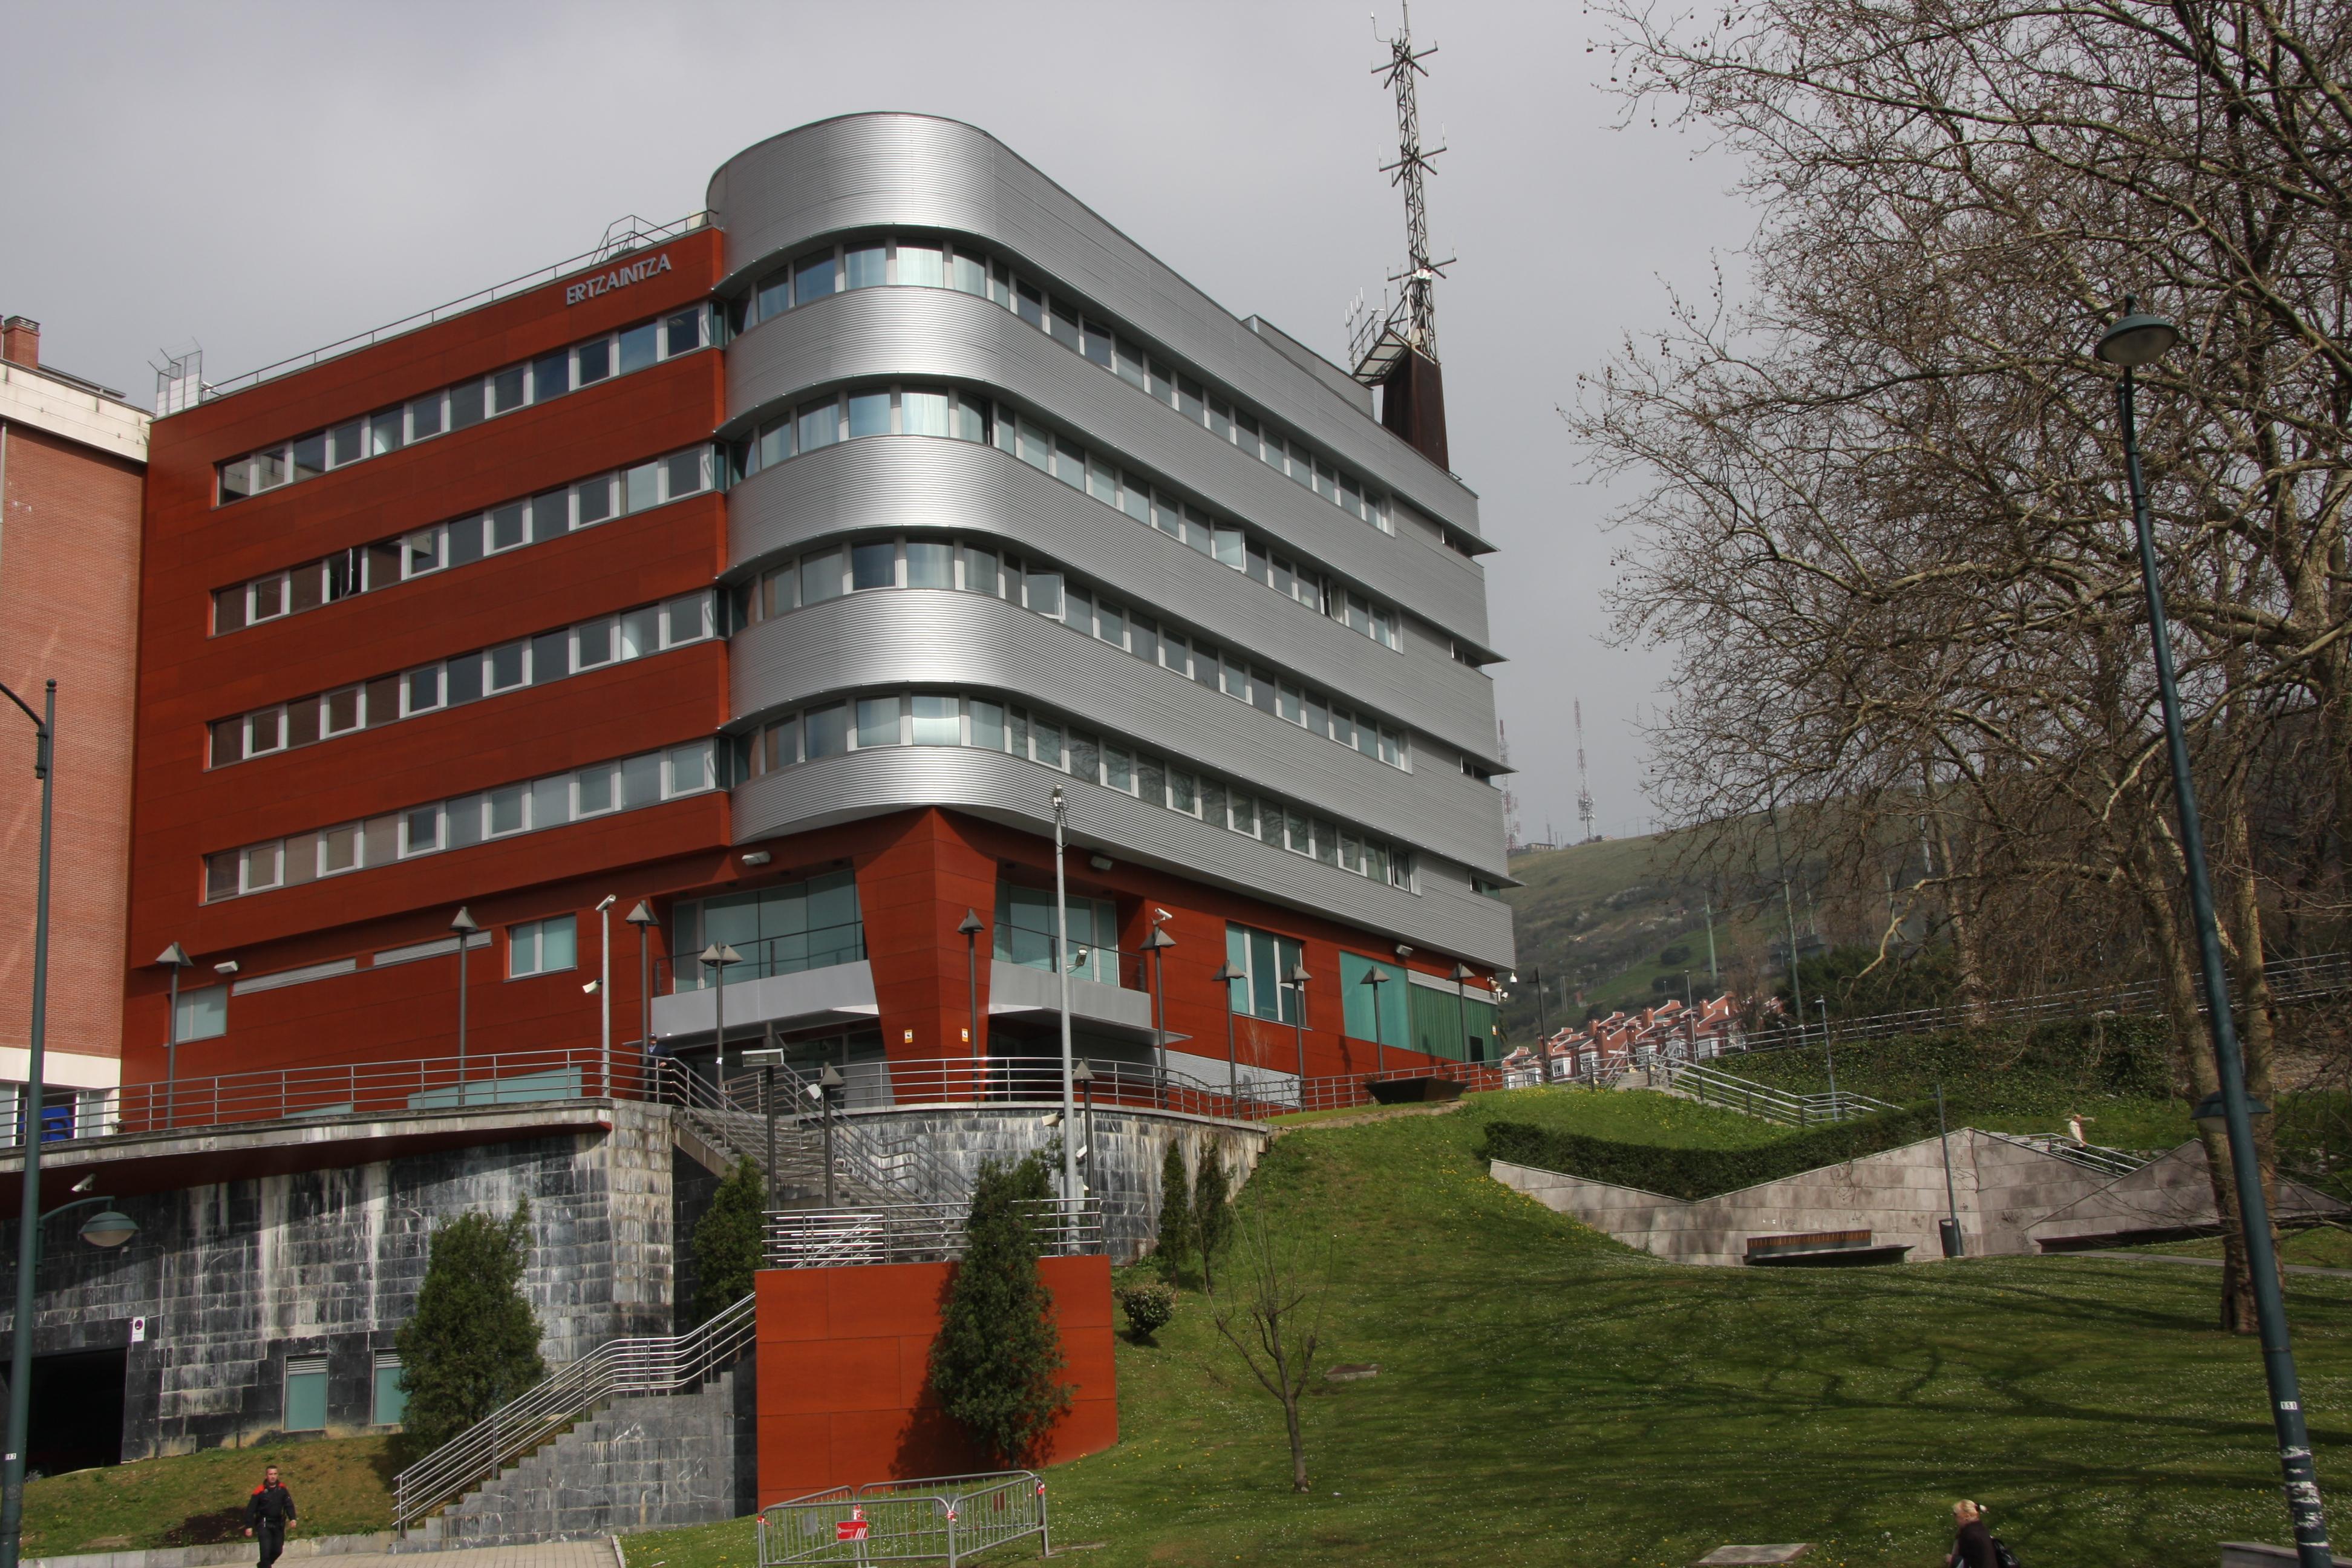 Bilbao-11.JPG